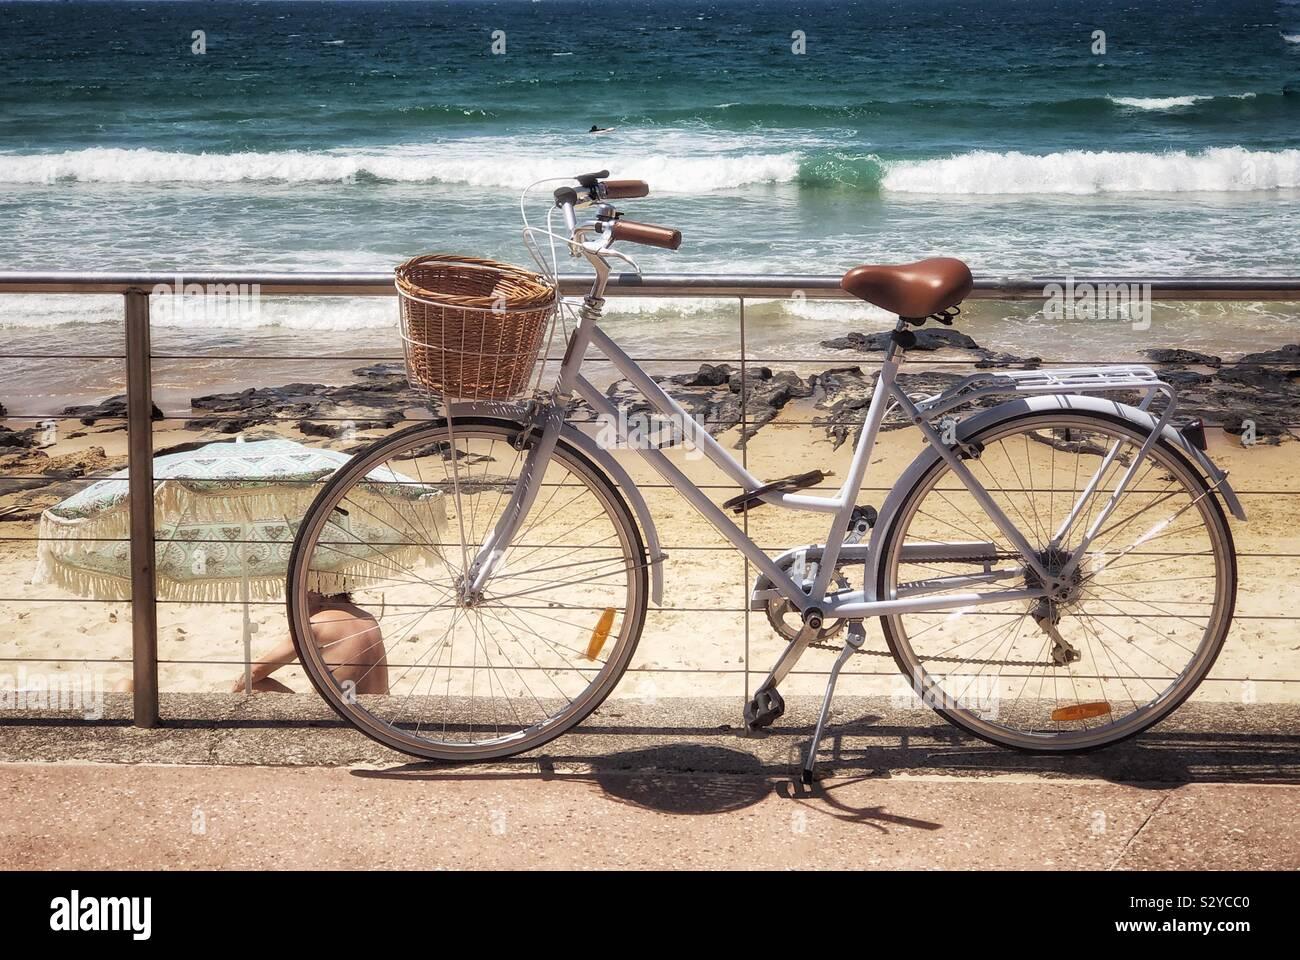 Bicicleta en la playa estilo de vida australiano Foto de stock